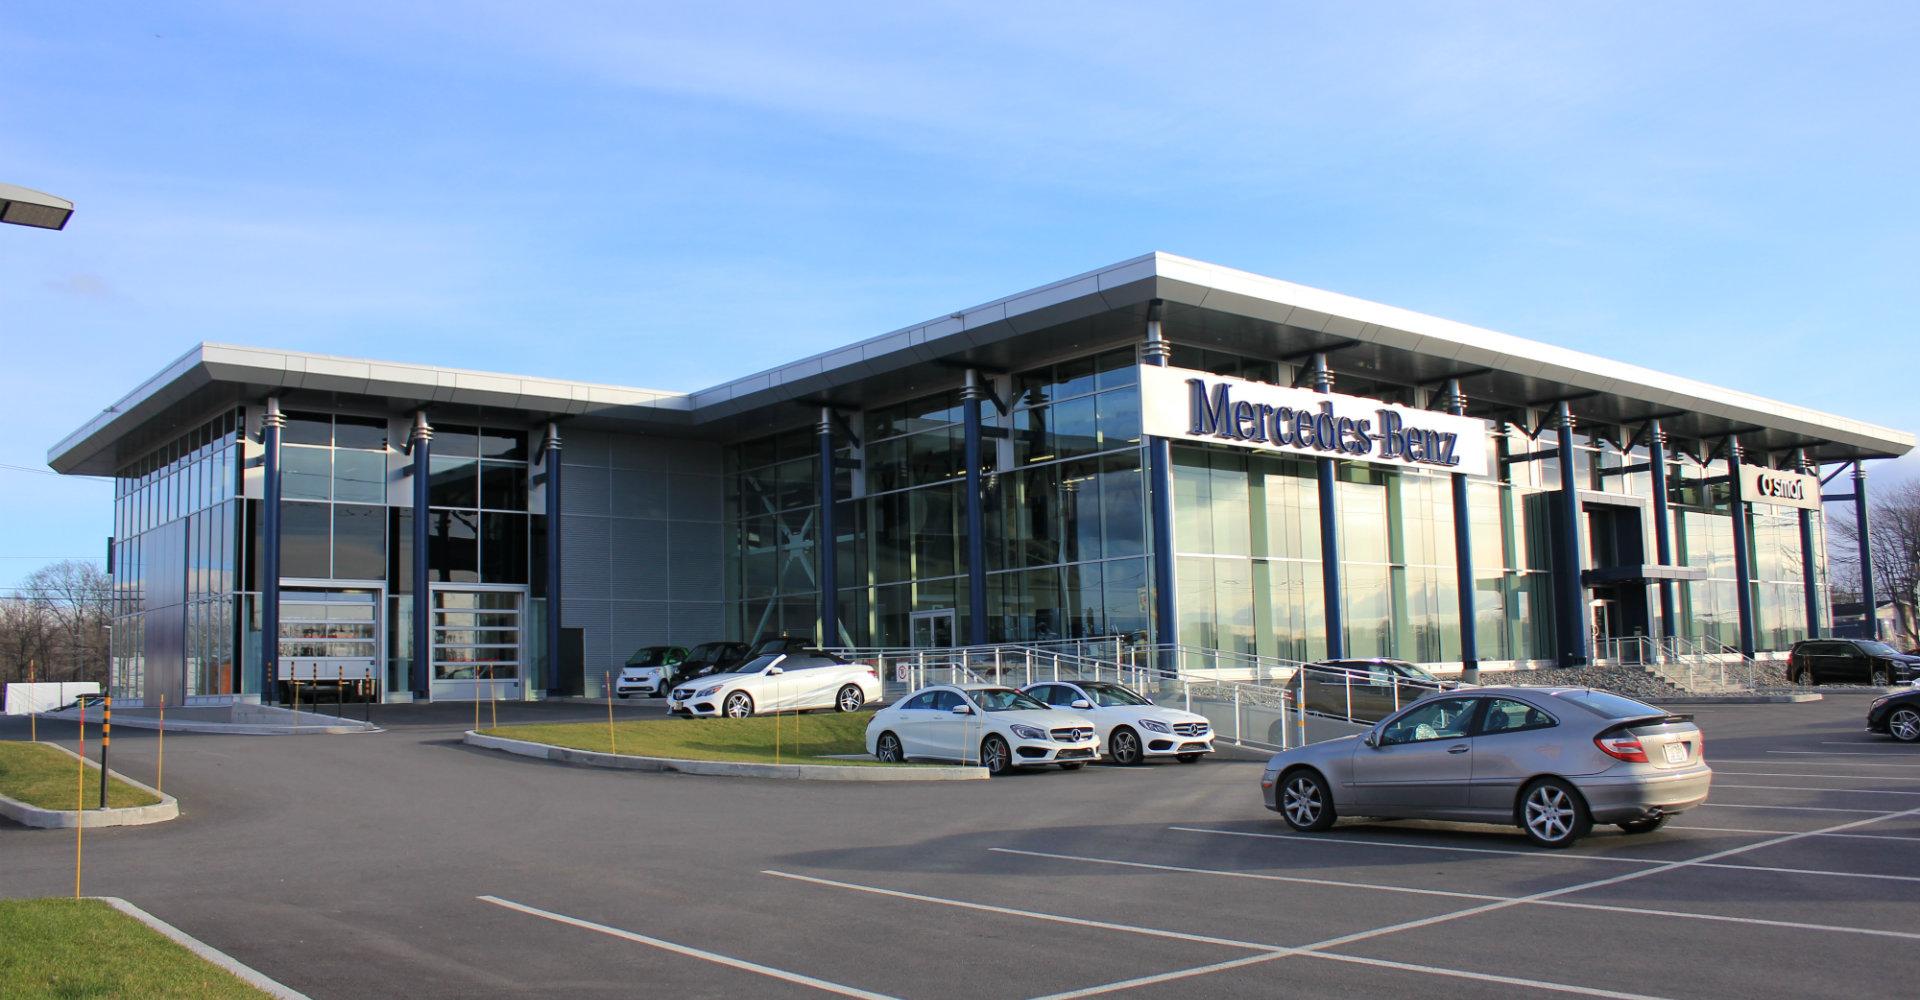 Rg dessin industriel services techniques pour vitrerie for Mercedes benz stadium box office hours